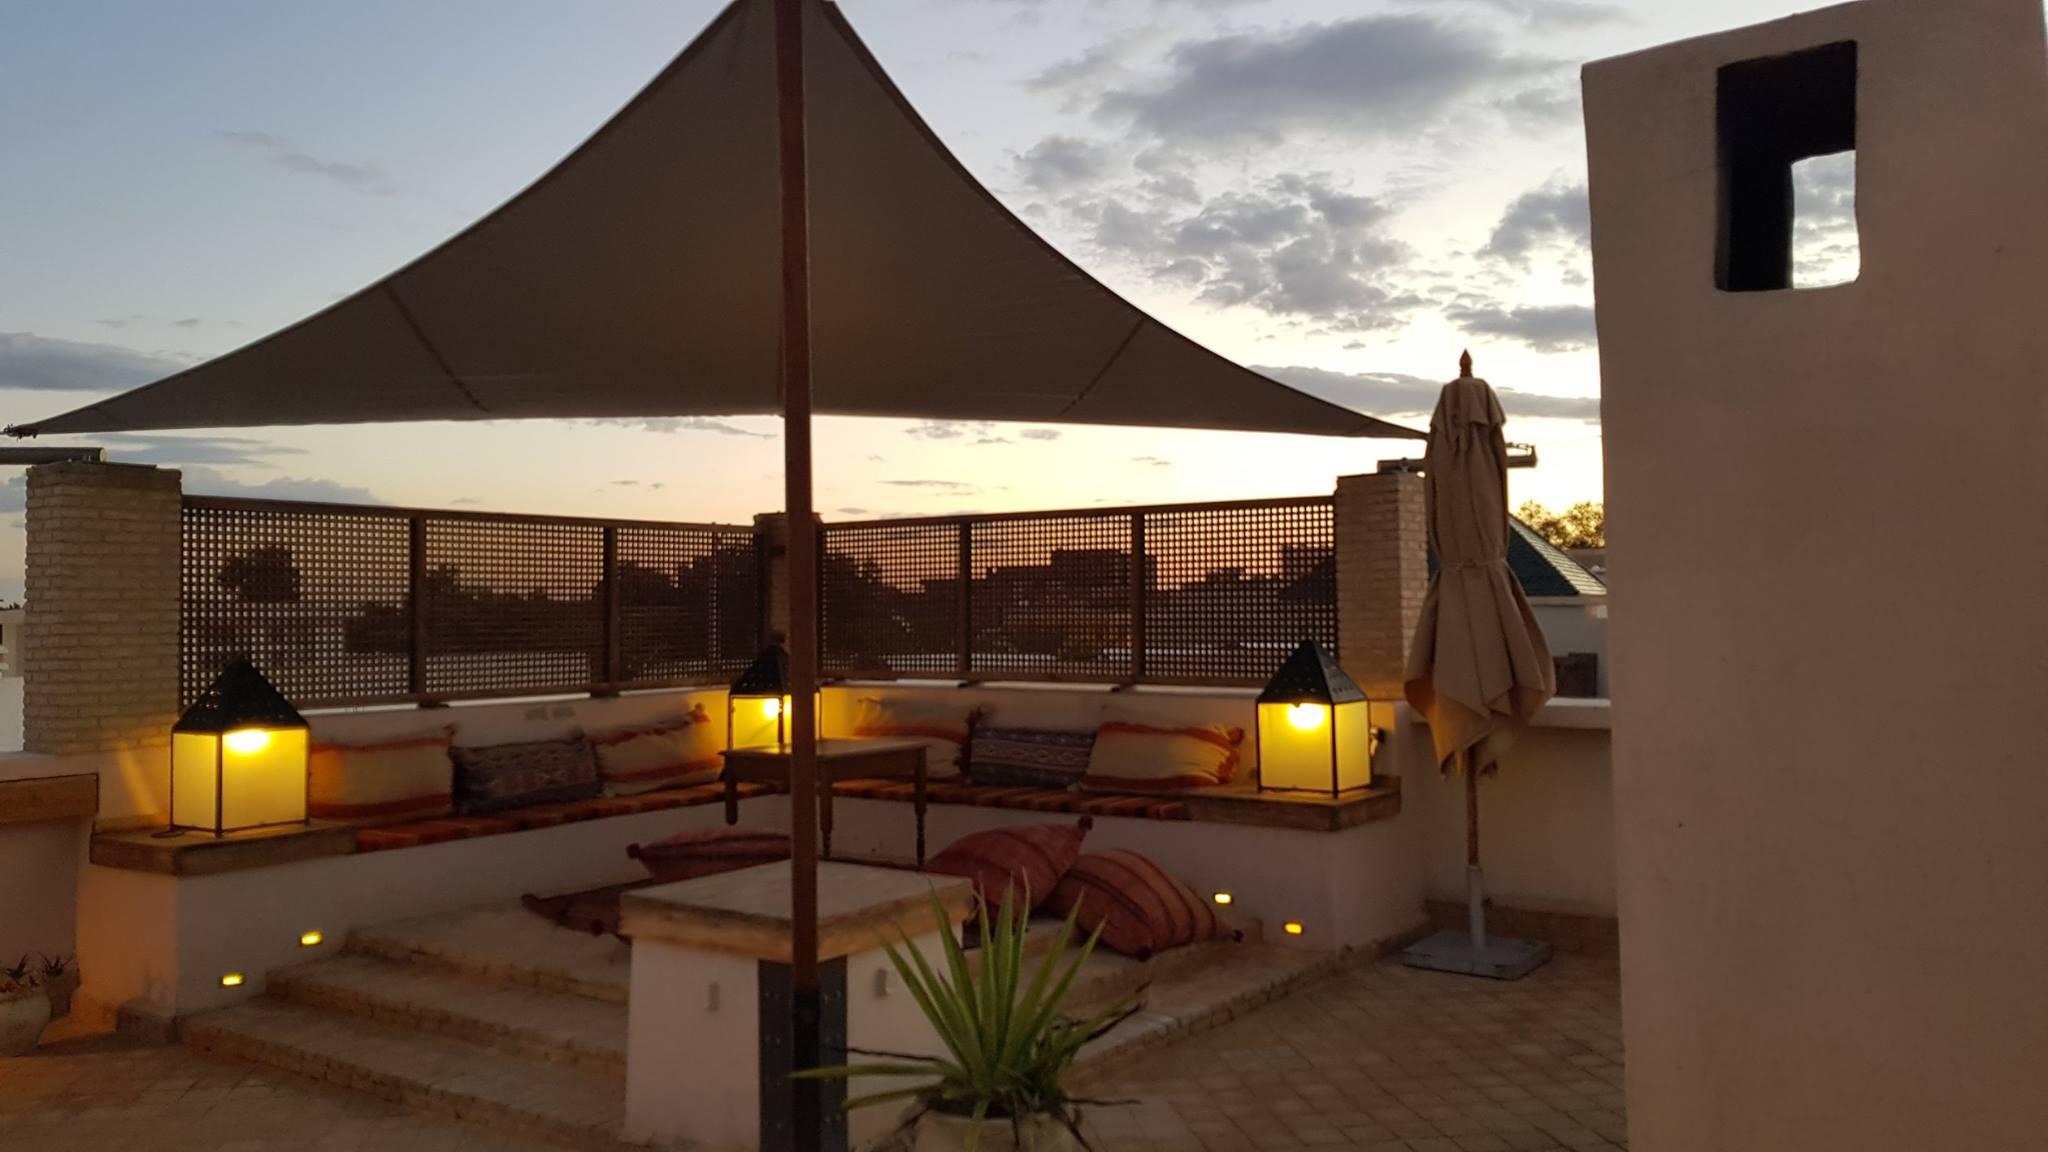 Hôtel de charme en Tunisie - MHSB